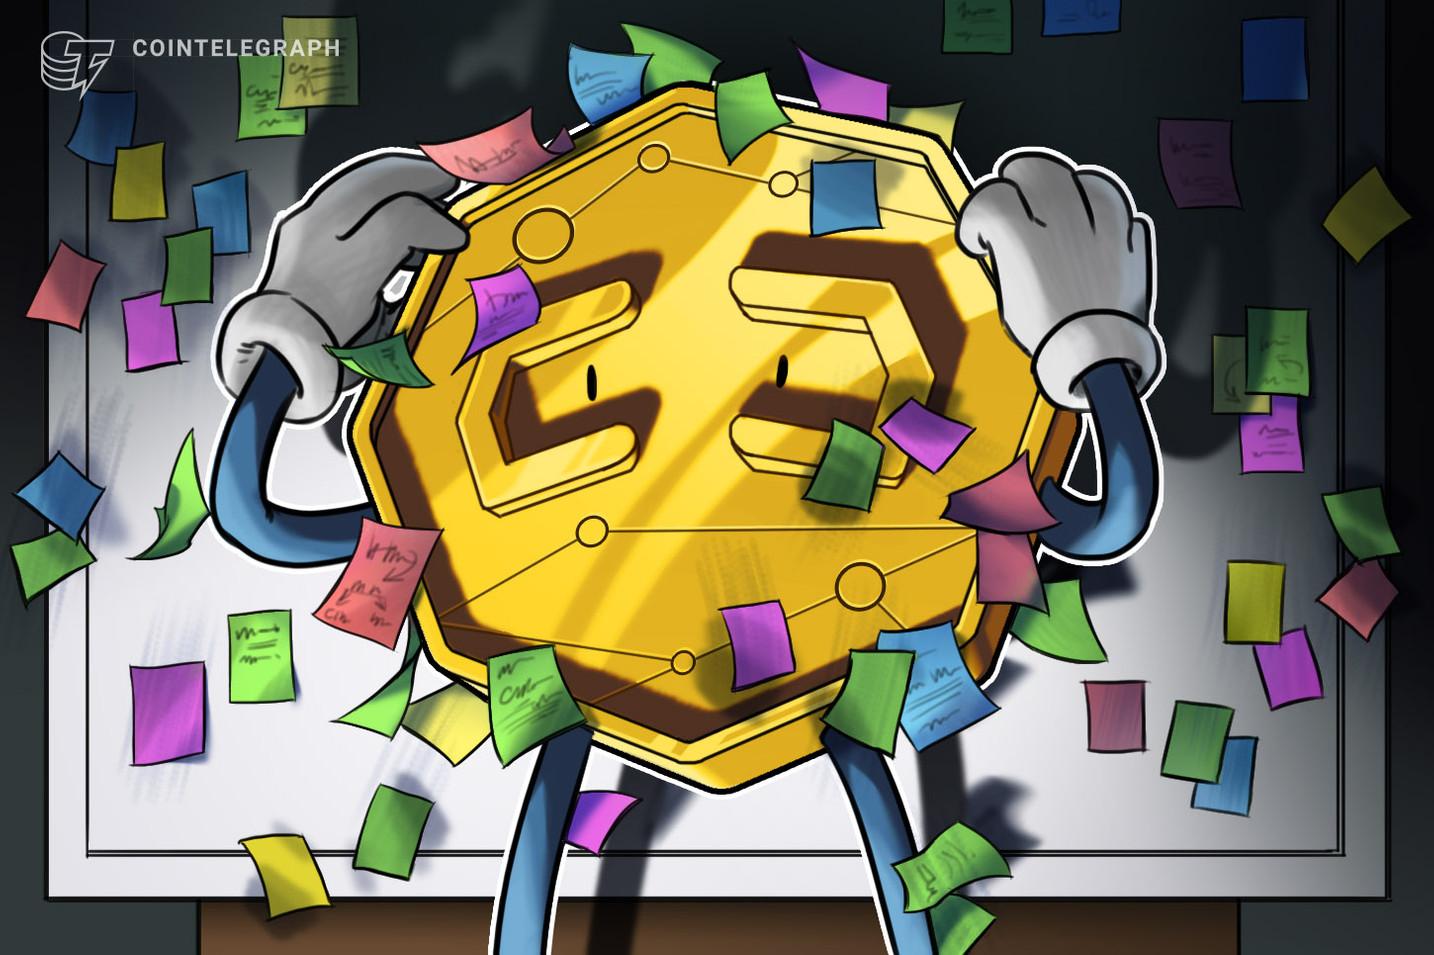 タイ規制当局、仮想通貨のマネロン対策強化に向け規制改正へ